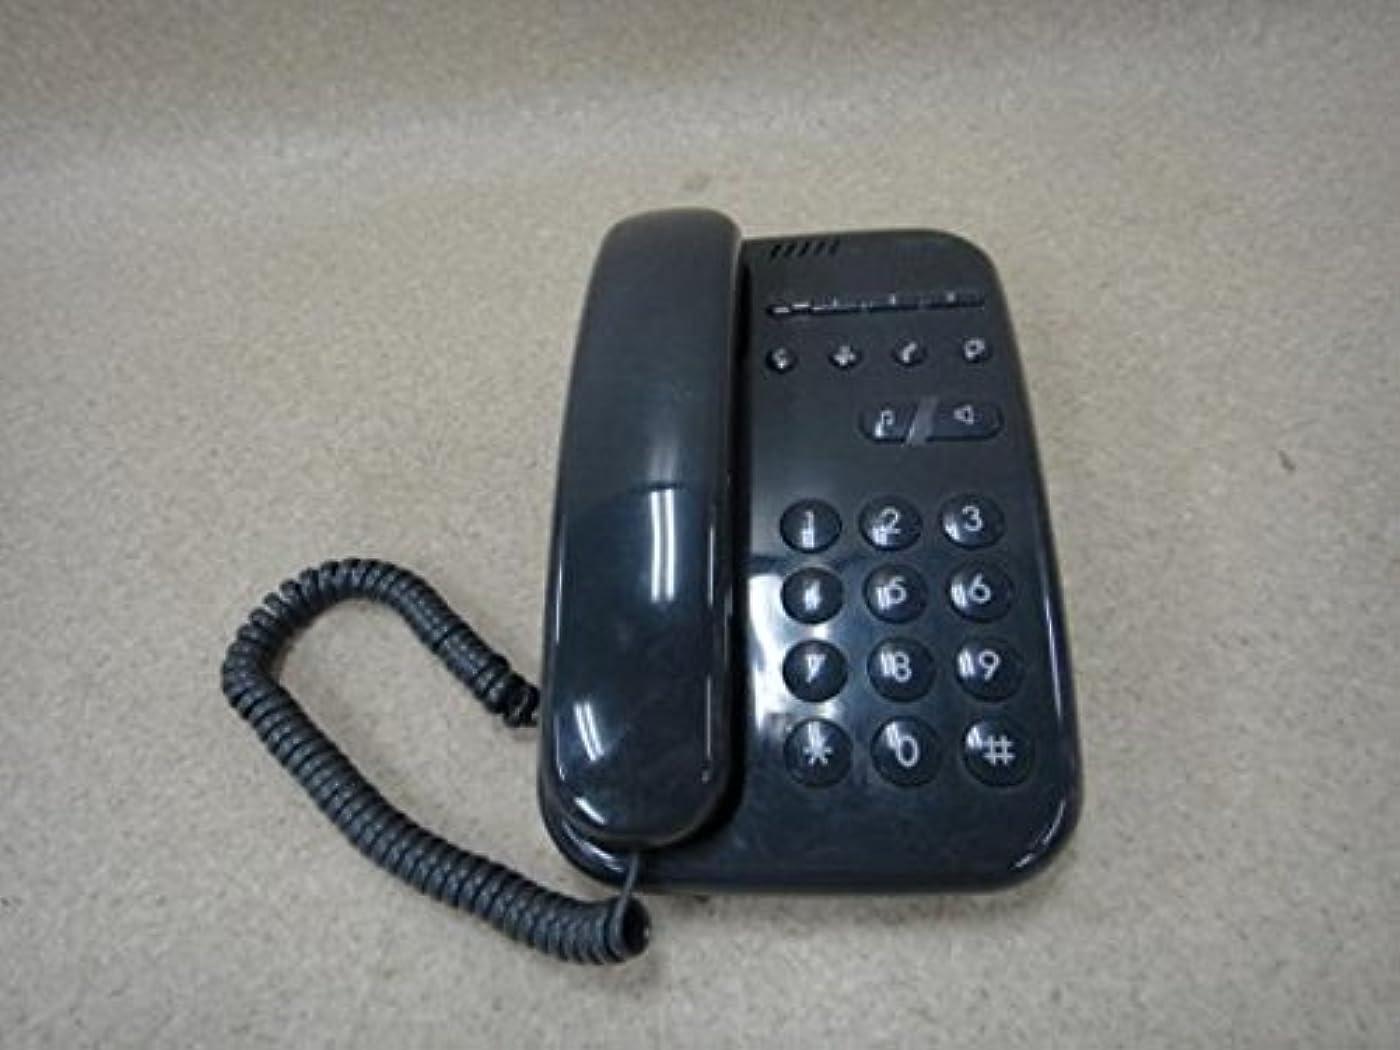 デザートニンニクキャプションハウディ?クローバーホンS3 TEL(DH) NTT 電話機